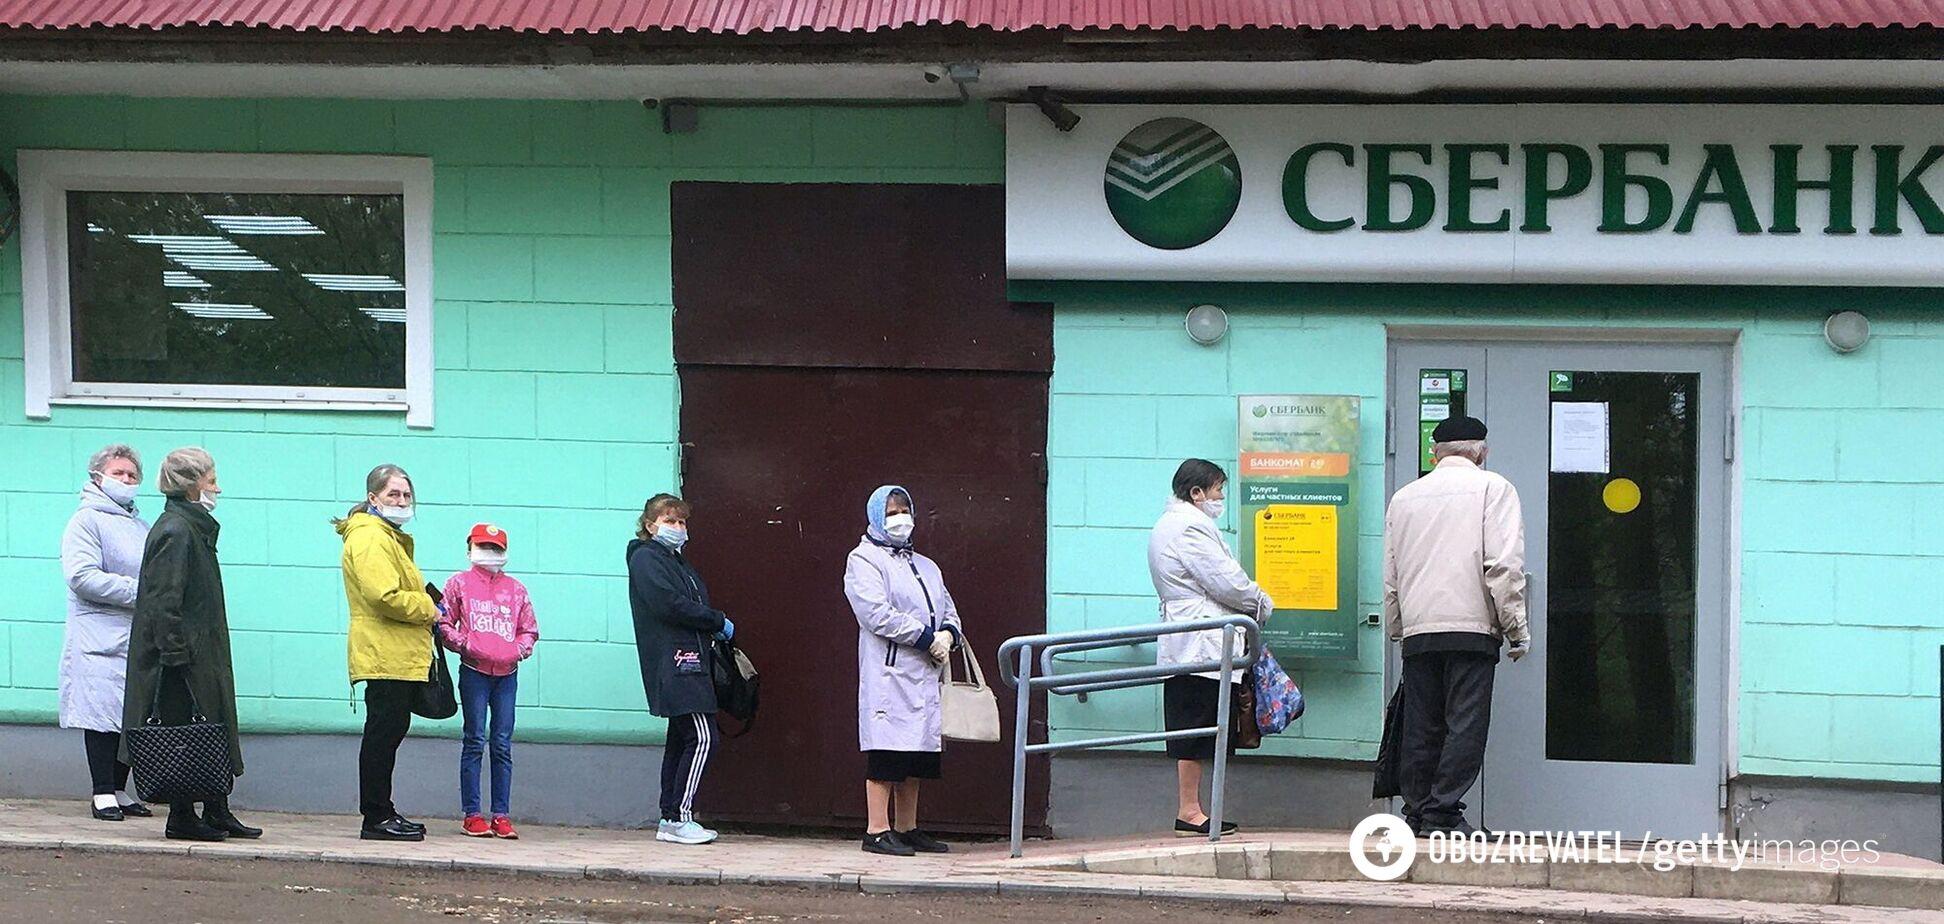 Сбербанк зажадав від 'Укроборонпрому' 500 млн грн